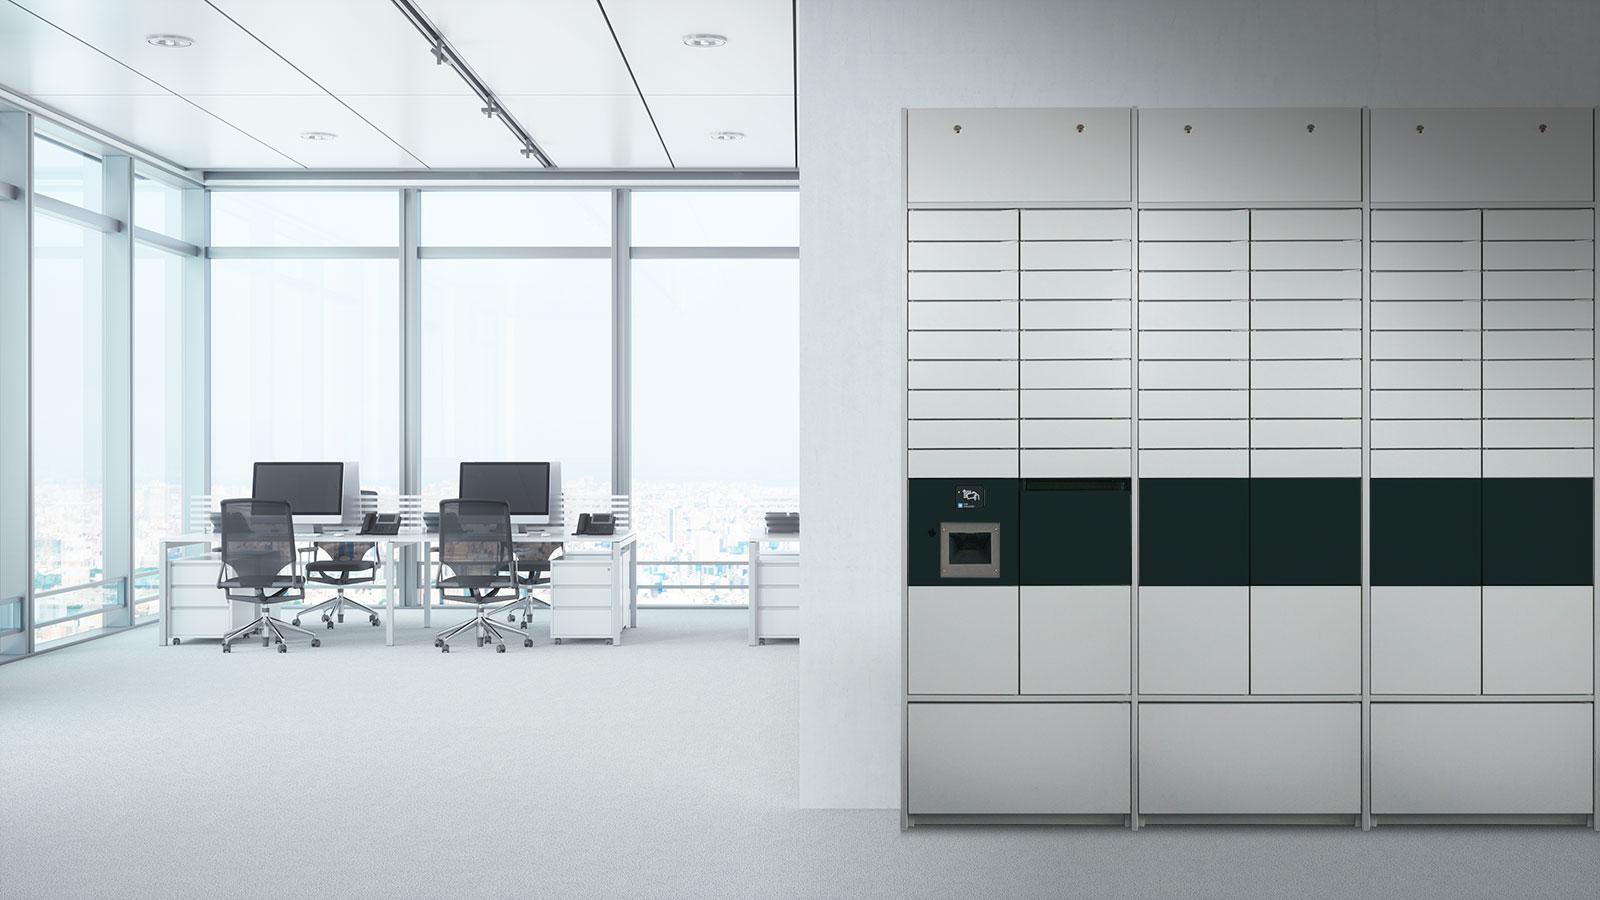 Dynamische Postverteilung in Ihrem Büro